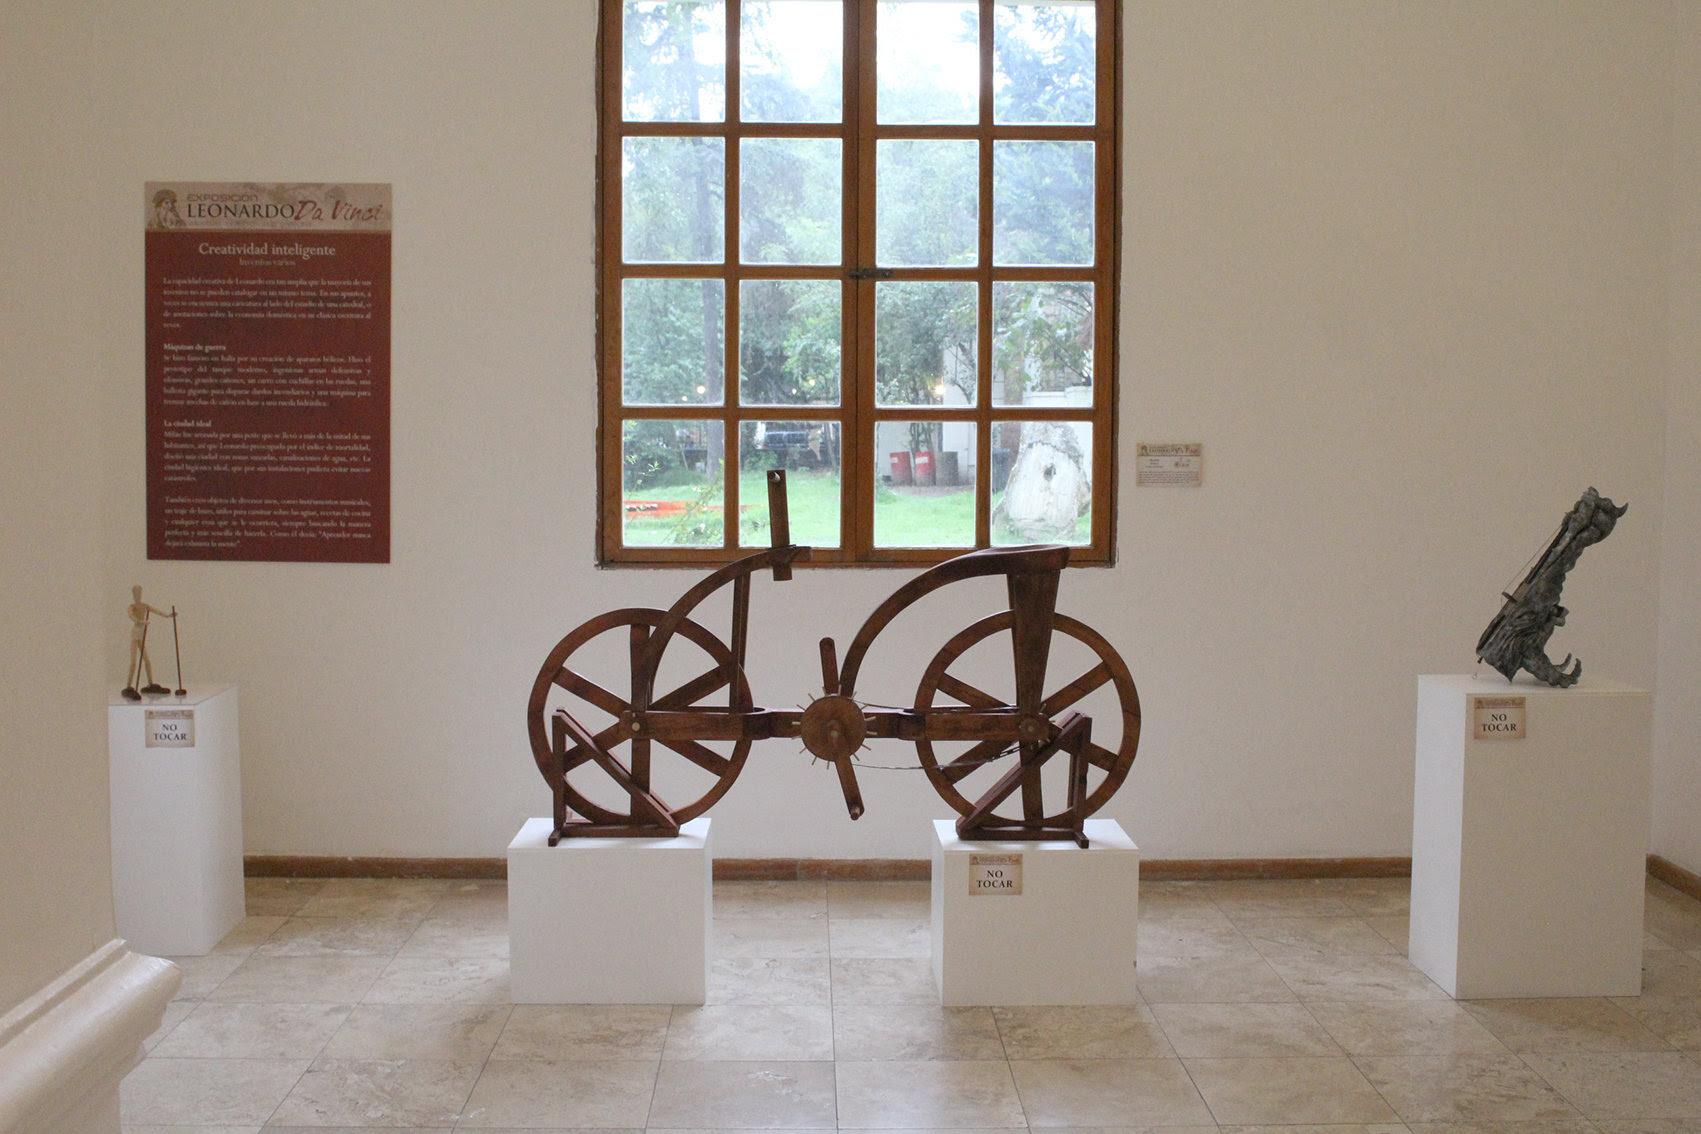 Llega a Tlalpan Los Inventos de Leonardo Da Vinci